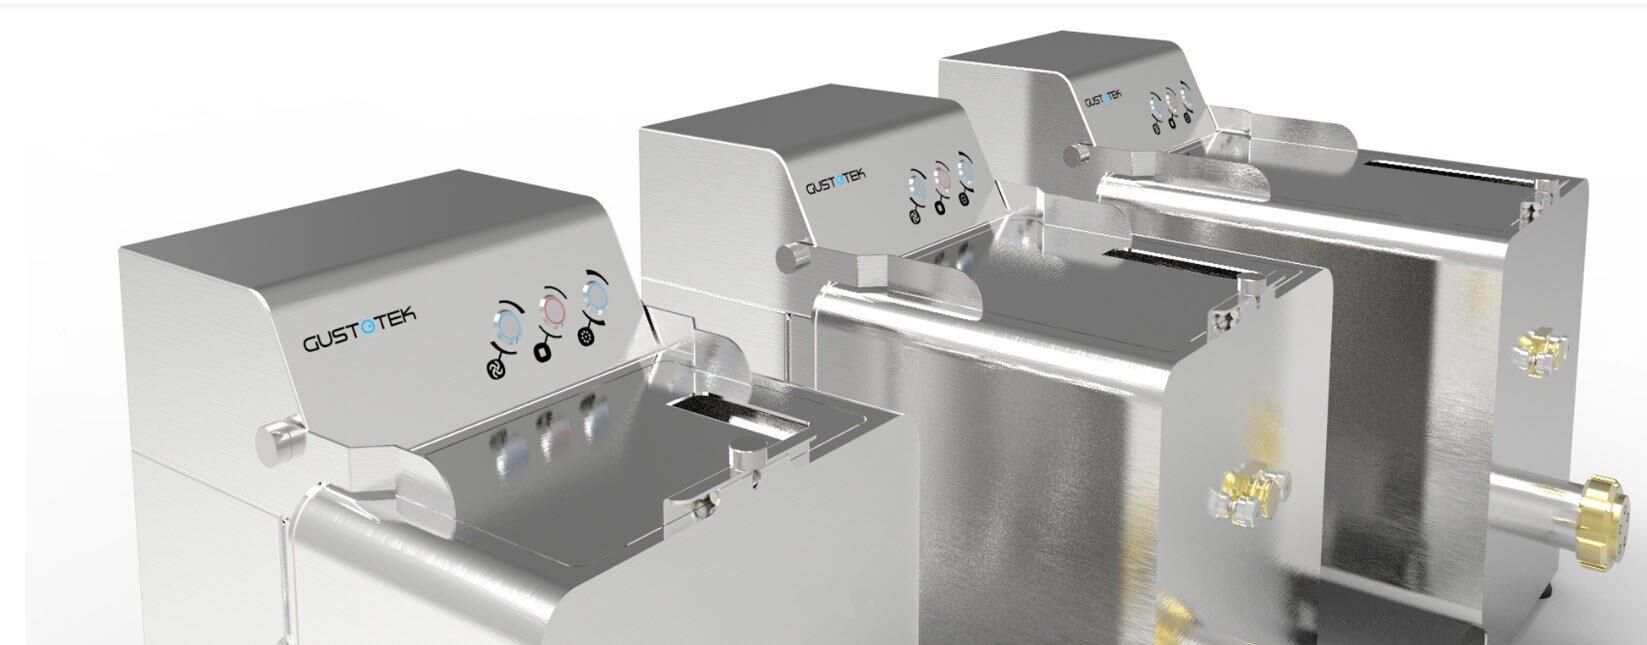 Машина для производства макаронных изделий GUSTOTEK - фото pic_2b9df76d34d7105a4b7f03685a0edf4d_1920x9000_1.jpg